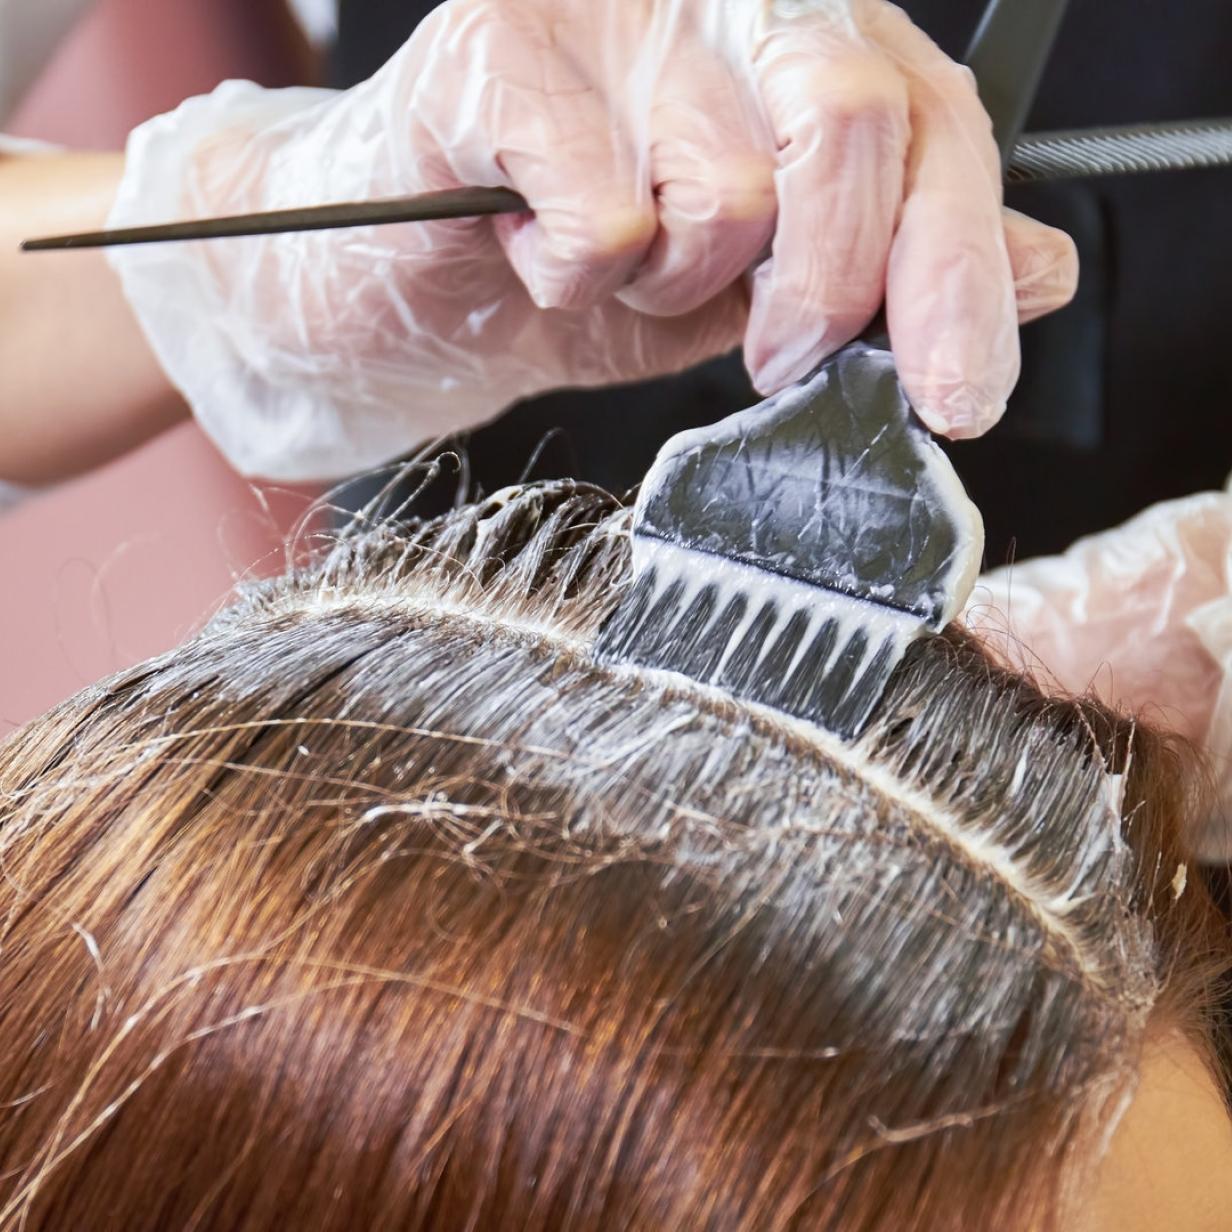 47.000 Frauen untersucht: Begünstigen Haarfärbemittel Brustkrebs?